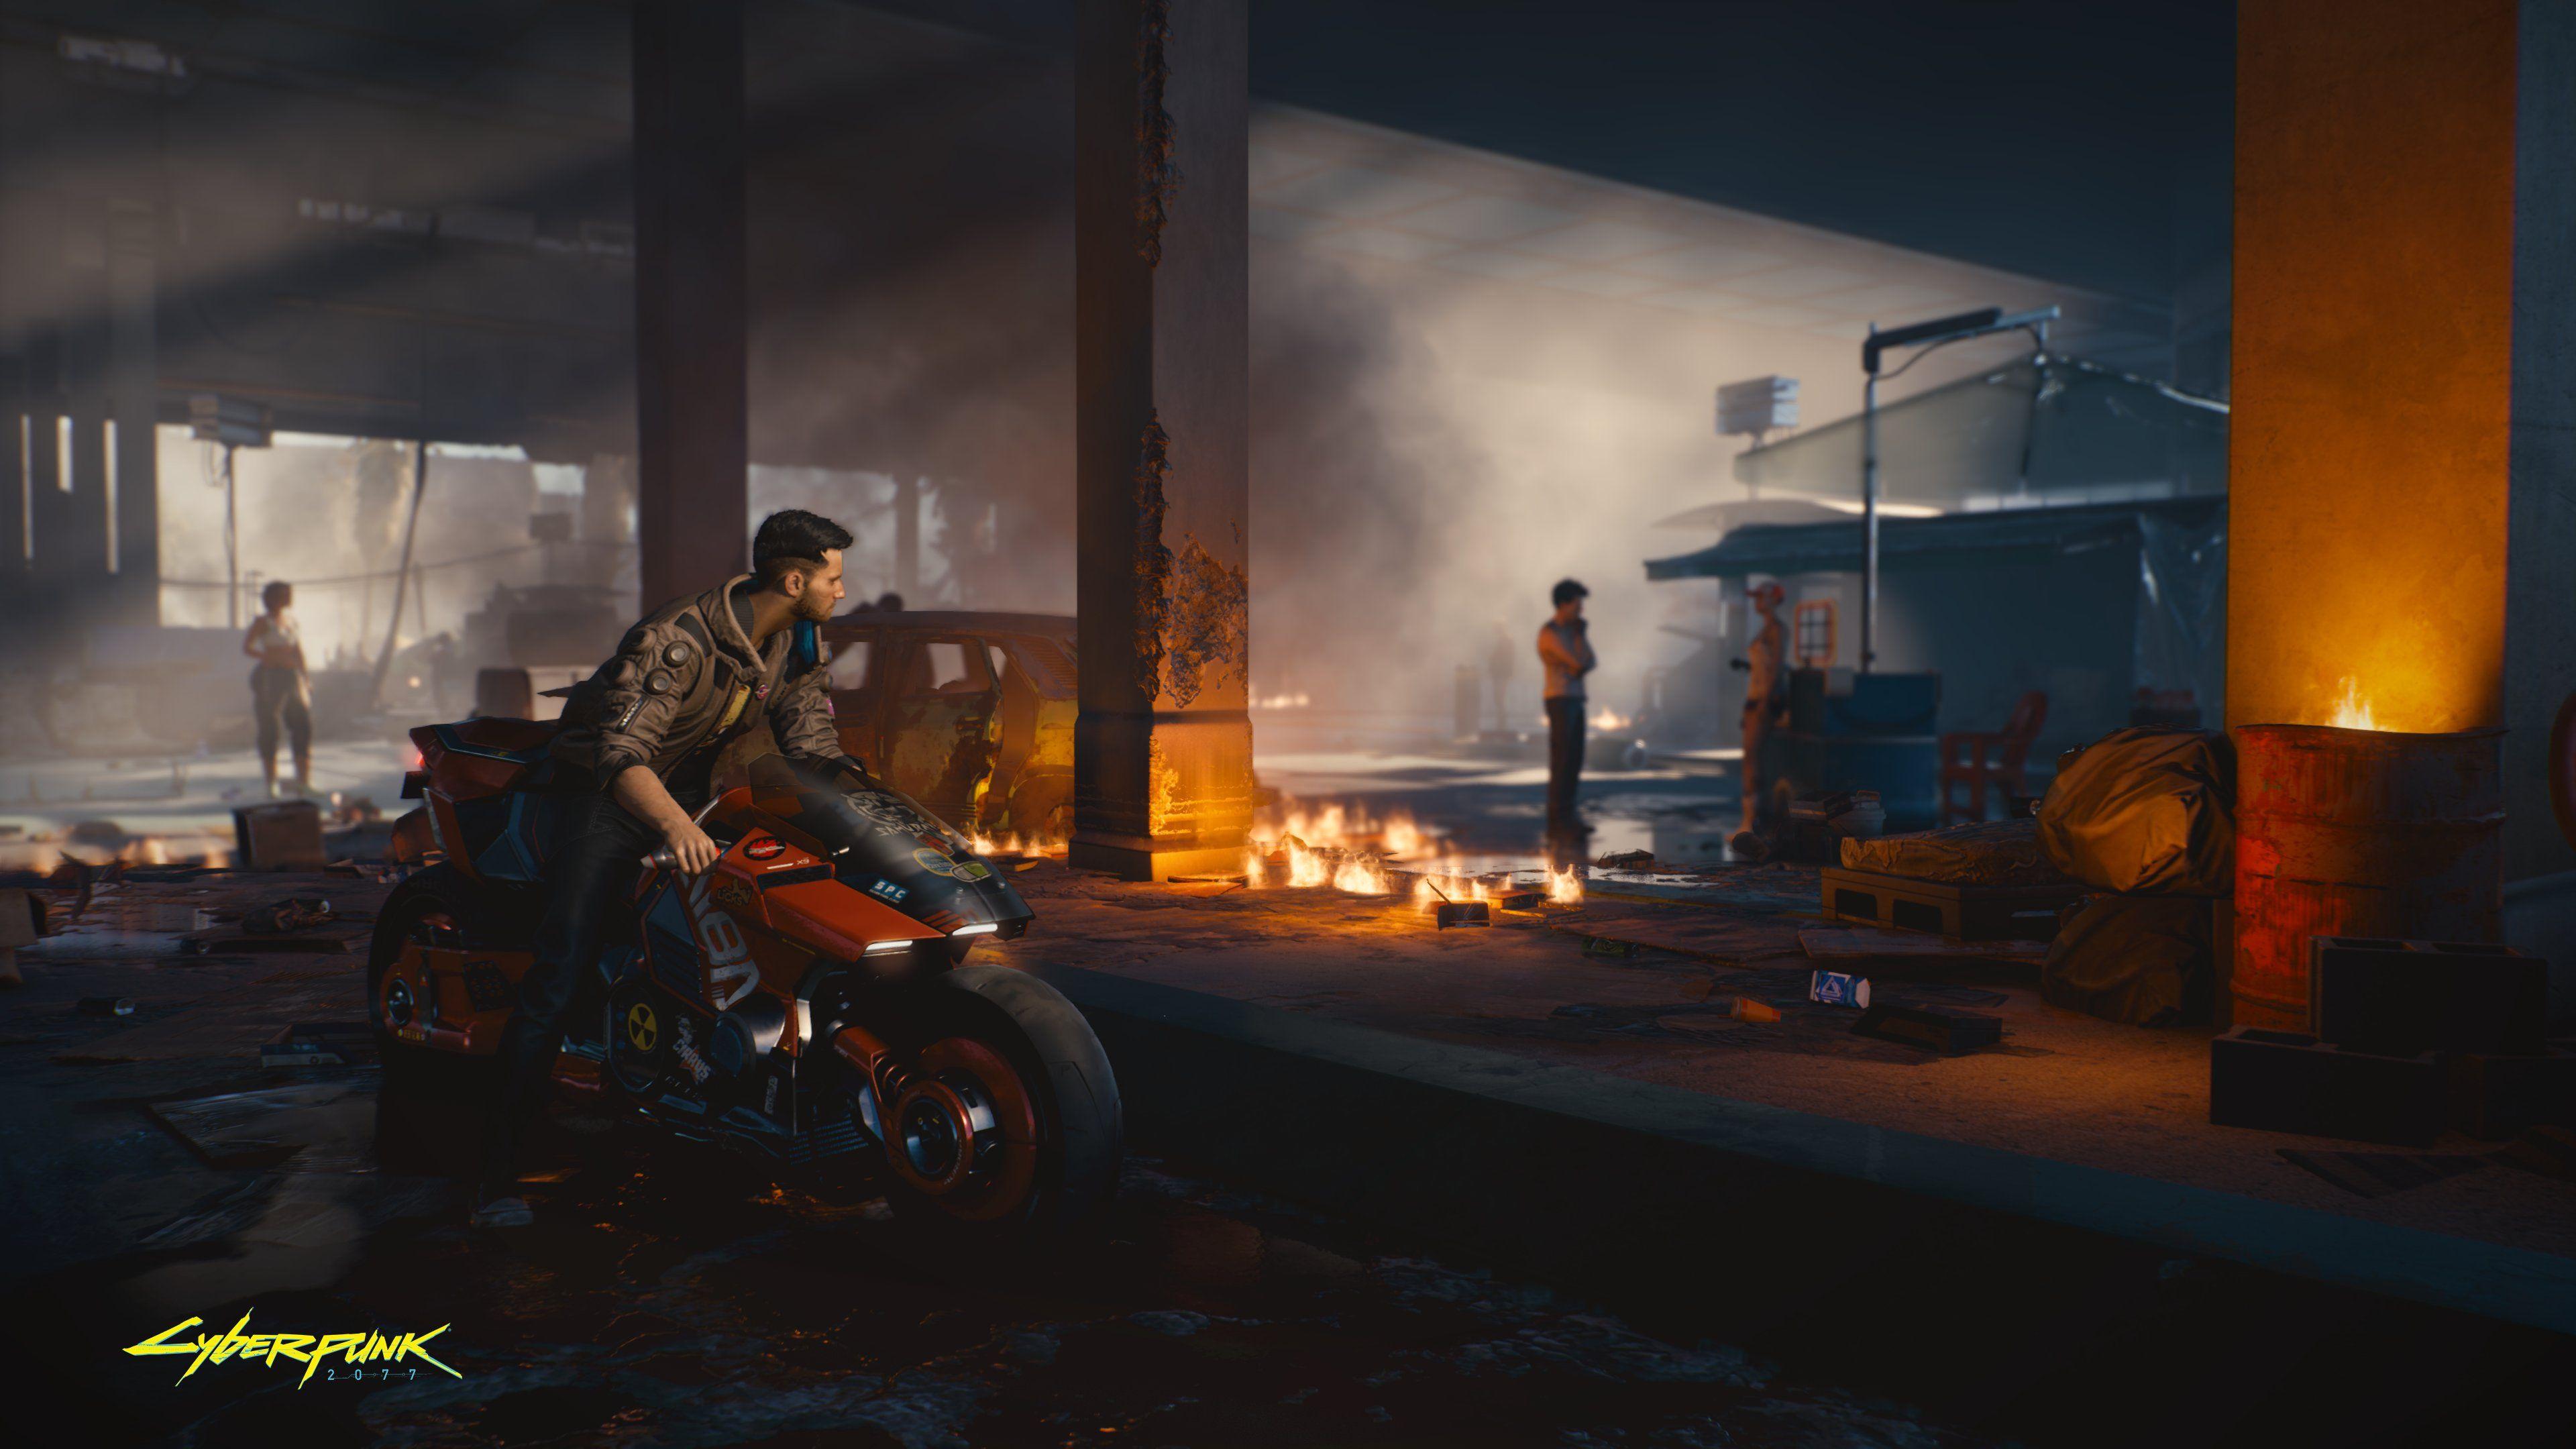 Версия Cyberpunk 2077 для Stadia выйдет после релиза игры на PC, PS4 и Xbox One